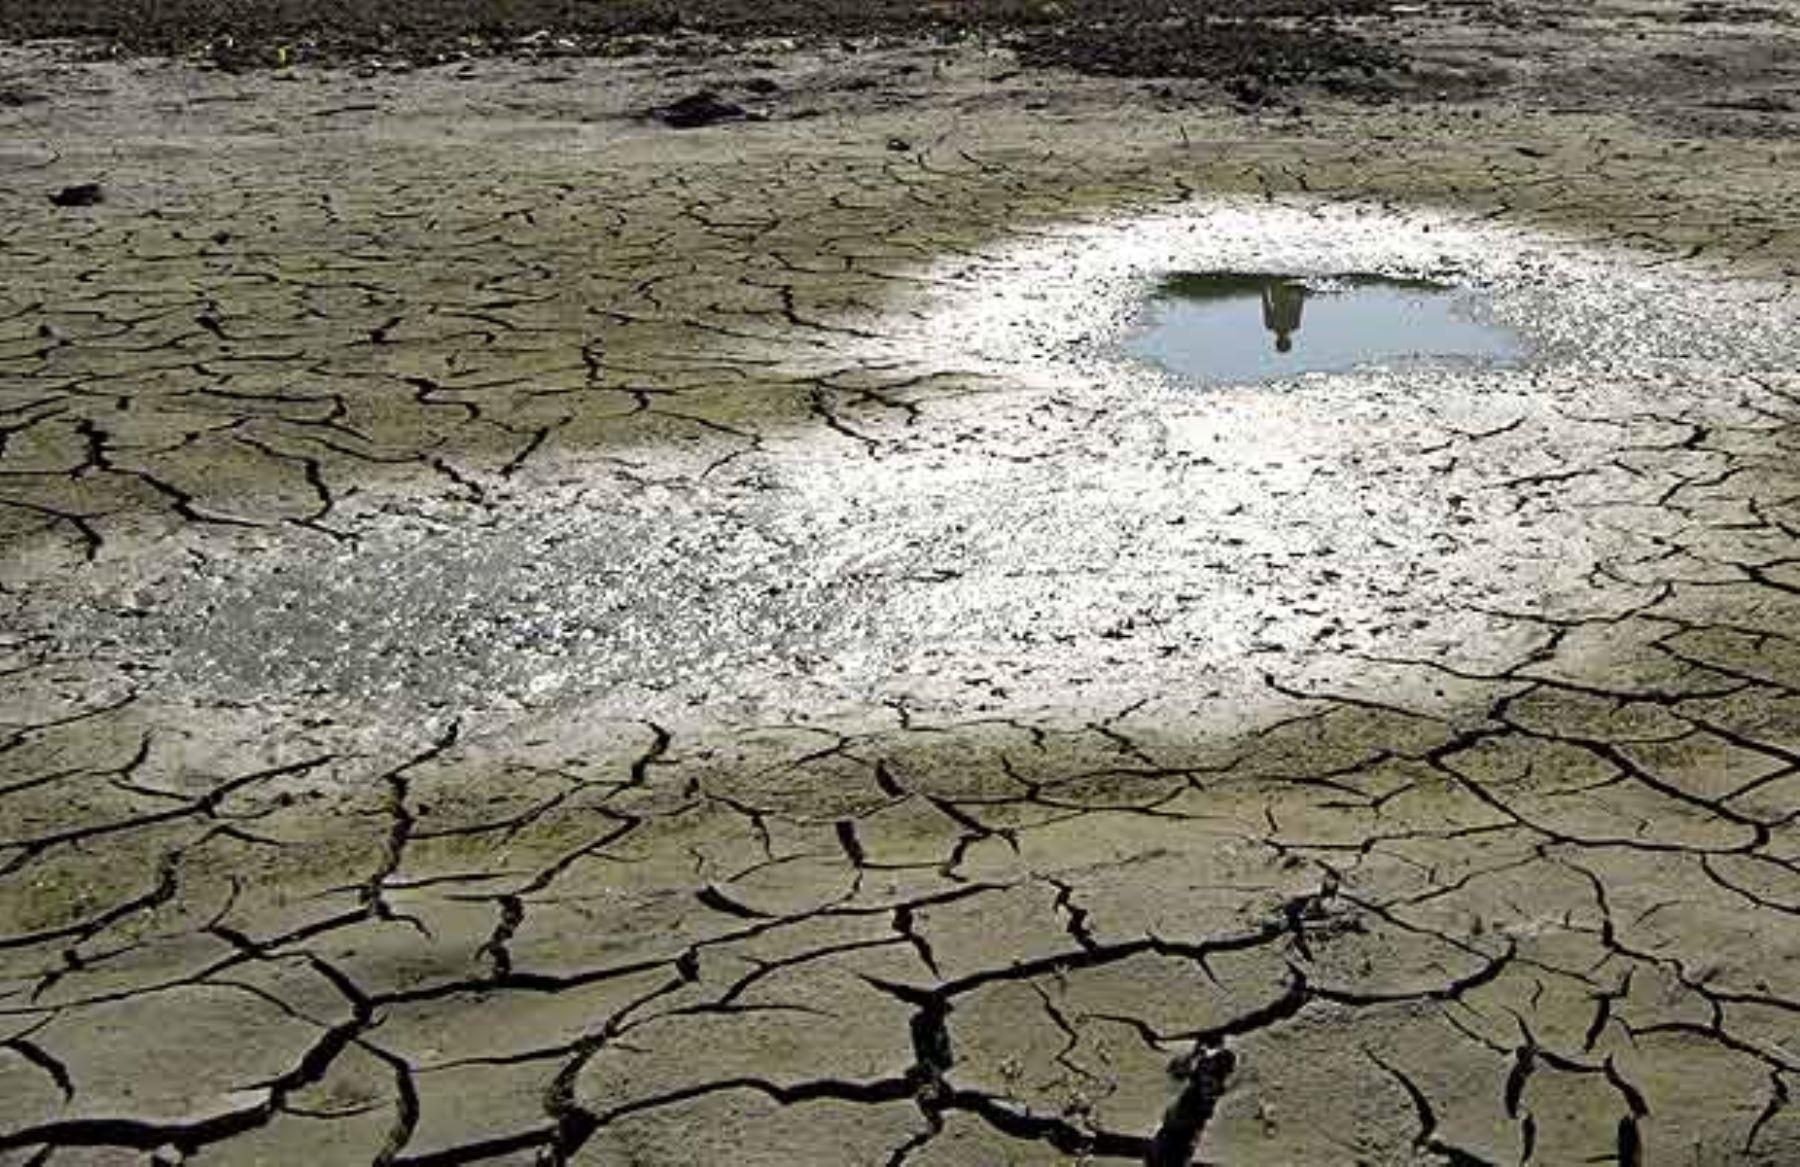 El Perú marca un nuevo hito histórico en la acción climática al presentar su Hoja de Ruta para hacer frente al cambio climático con 153 acciones de adaptación y mitigación, llamadas también Contribuciones Nacionales Determinadas. ANDINA/Difusión